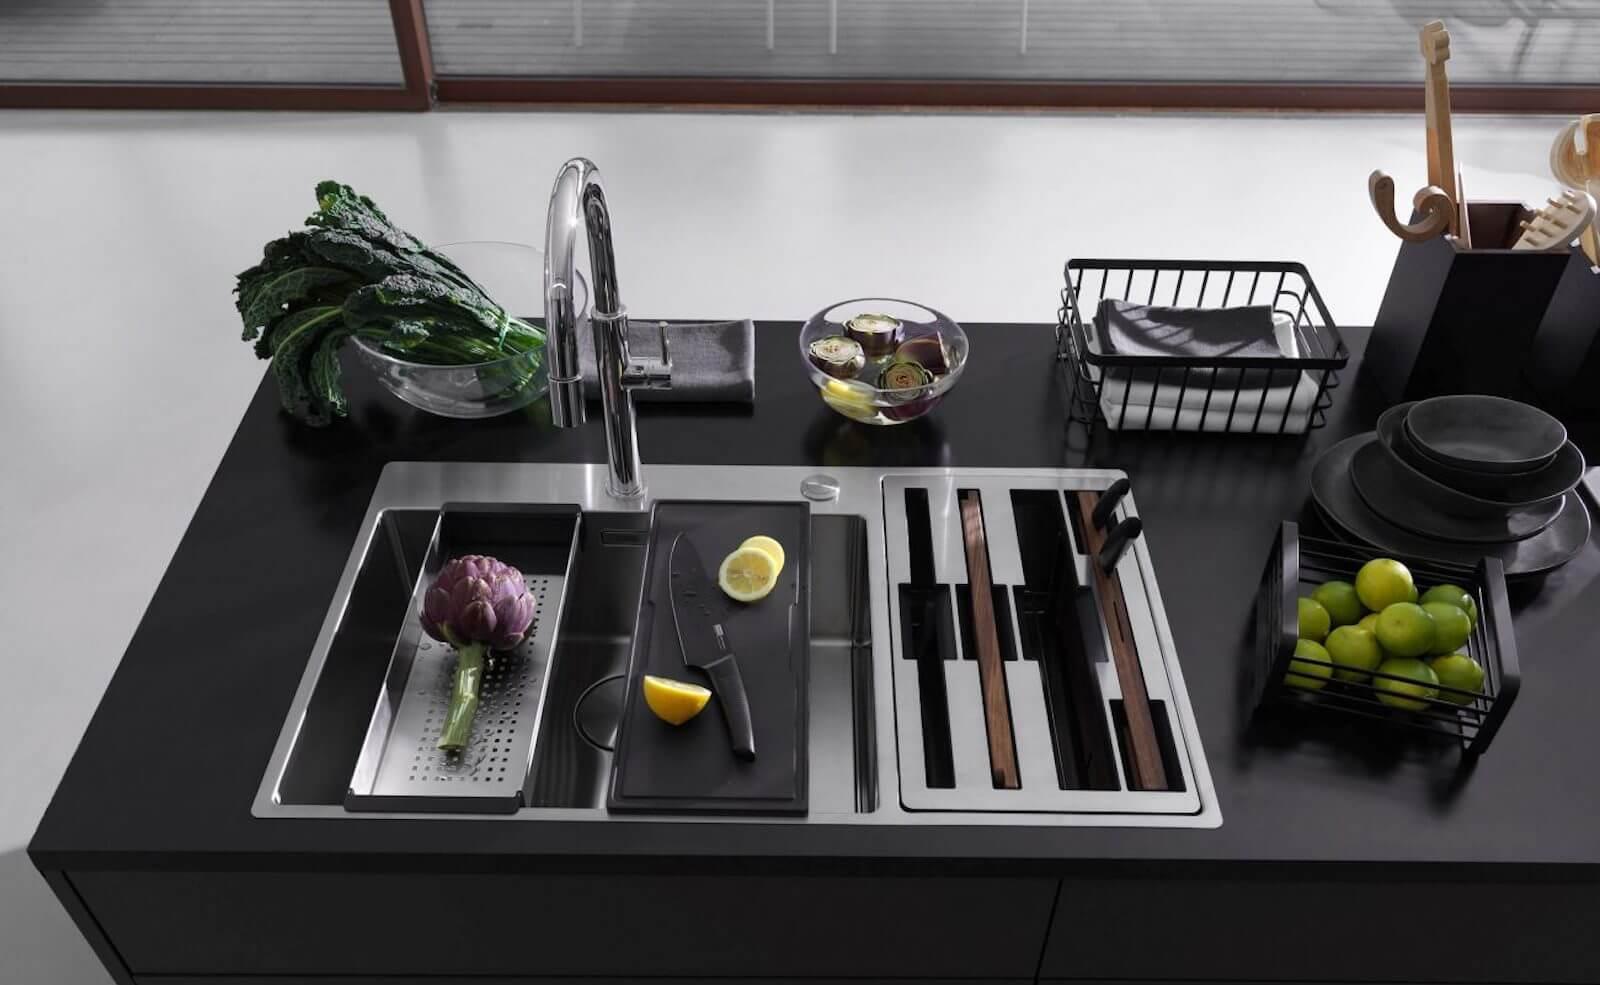 Franke Box Center: Design Edelstahlspüle mit Ordnungssystem für Küchenzubehör